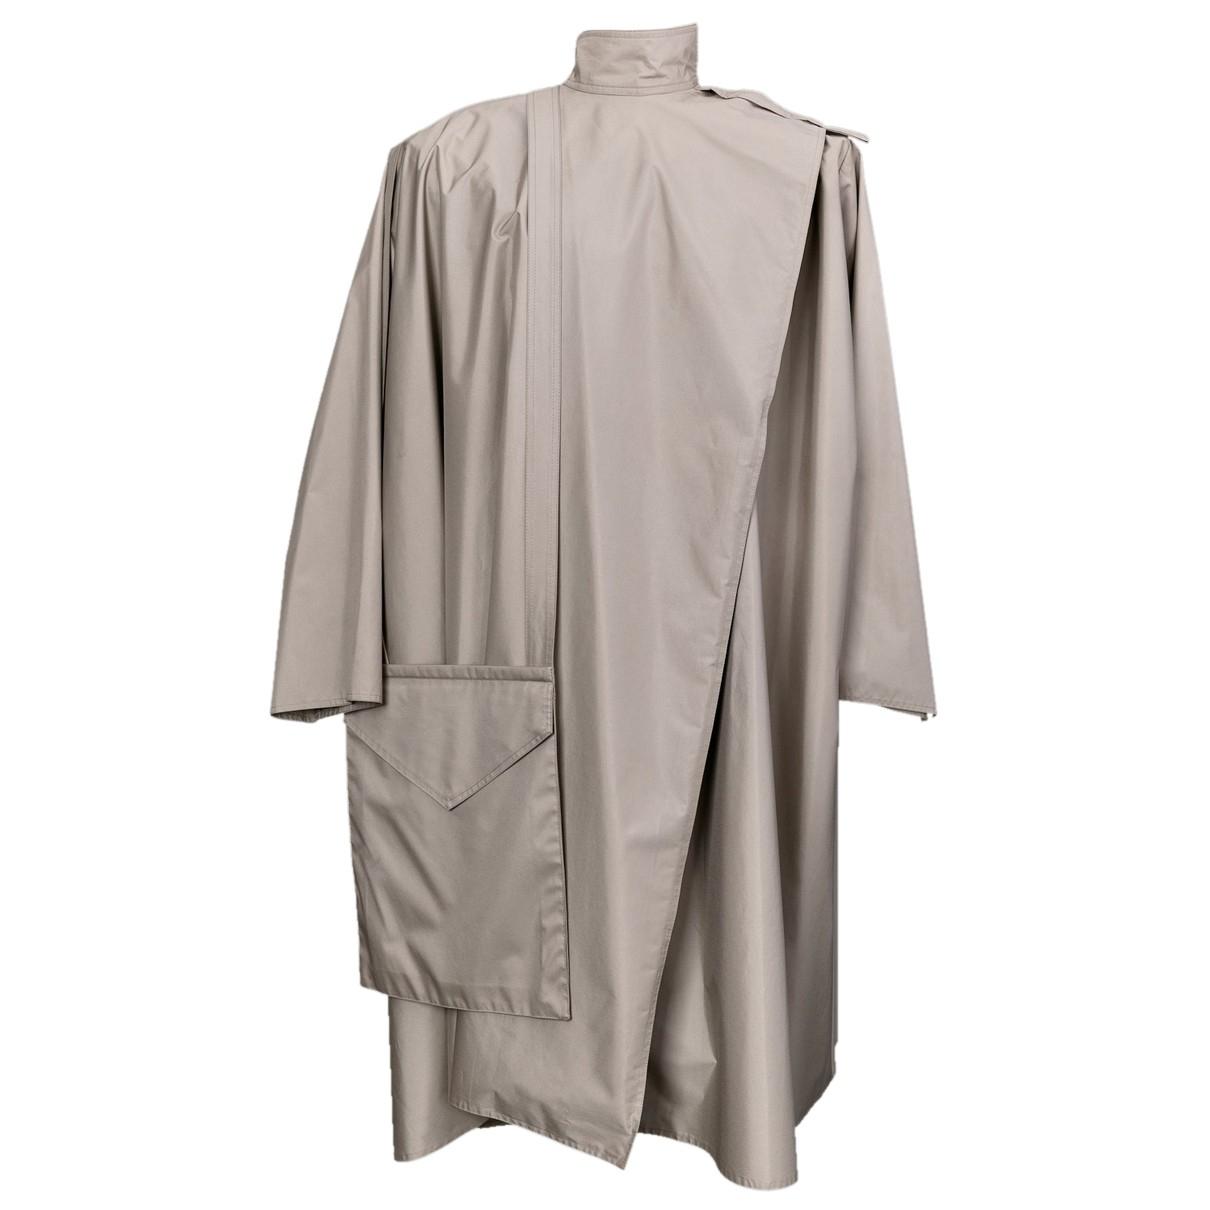 Paco Rabanne - Manteau   pour femme - beige